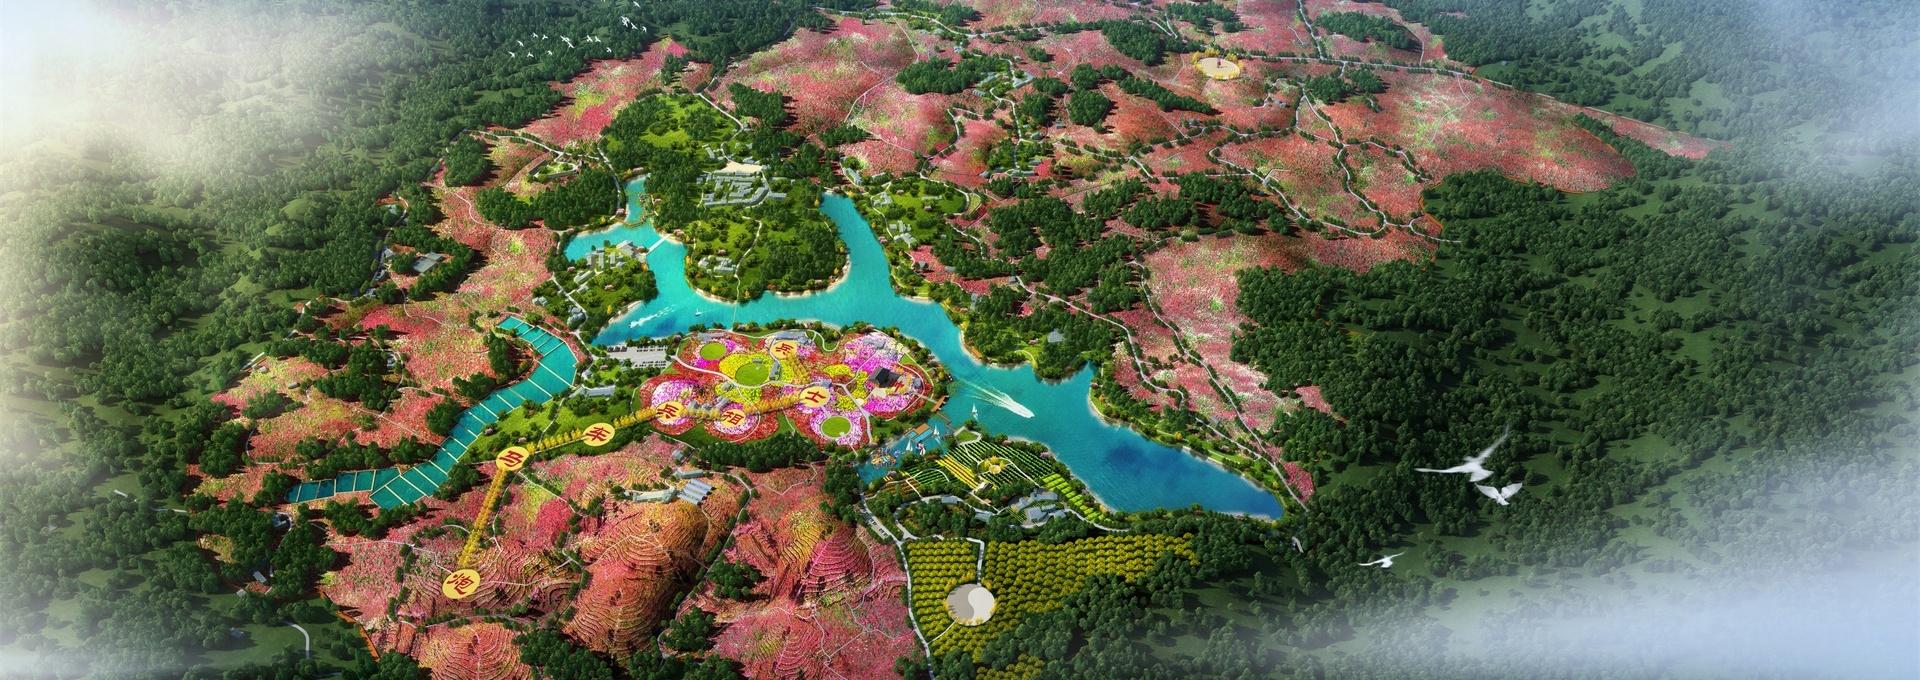 重庆农业产业威廉希尔